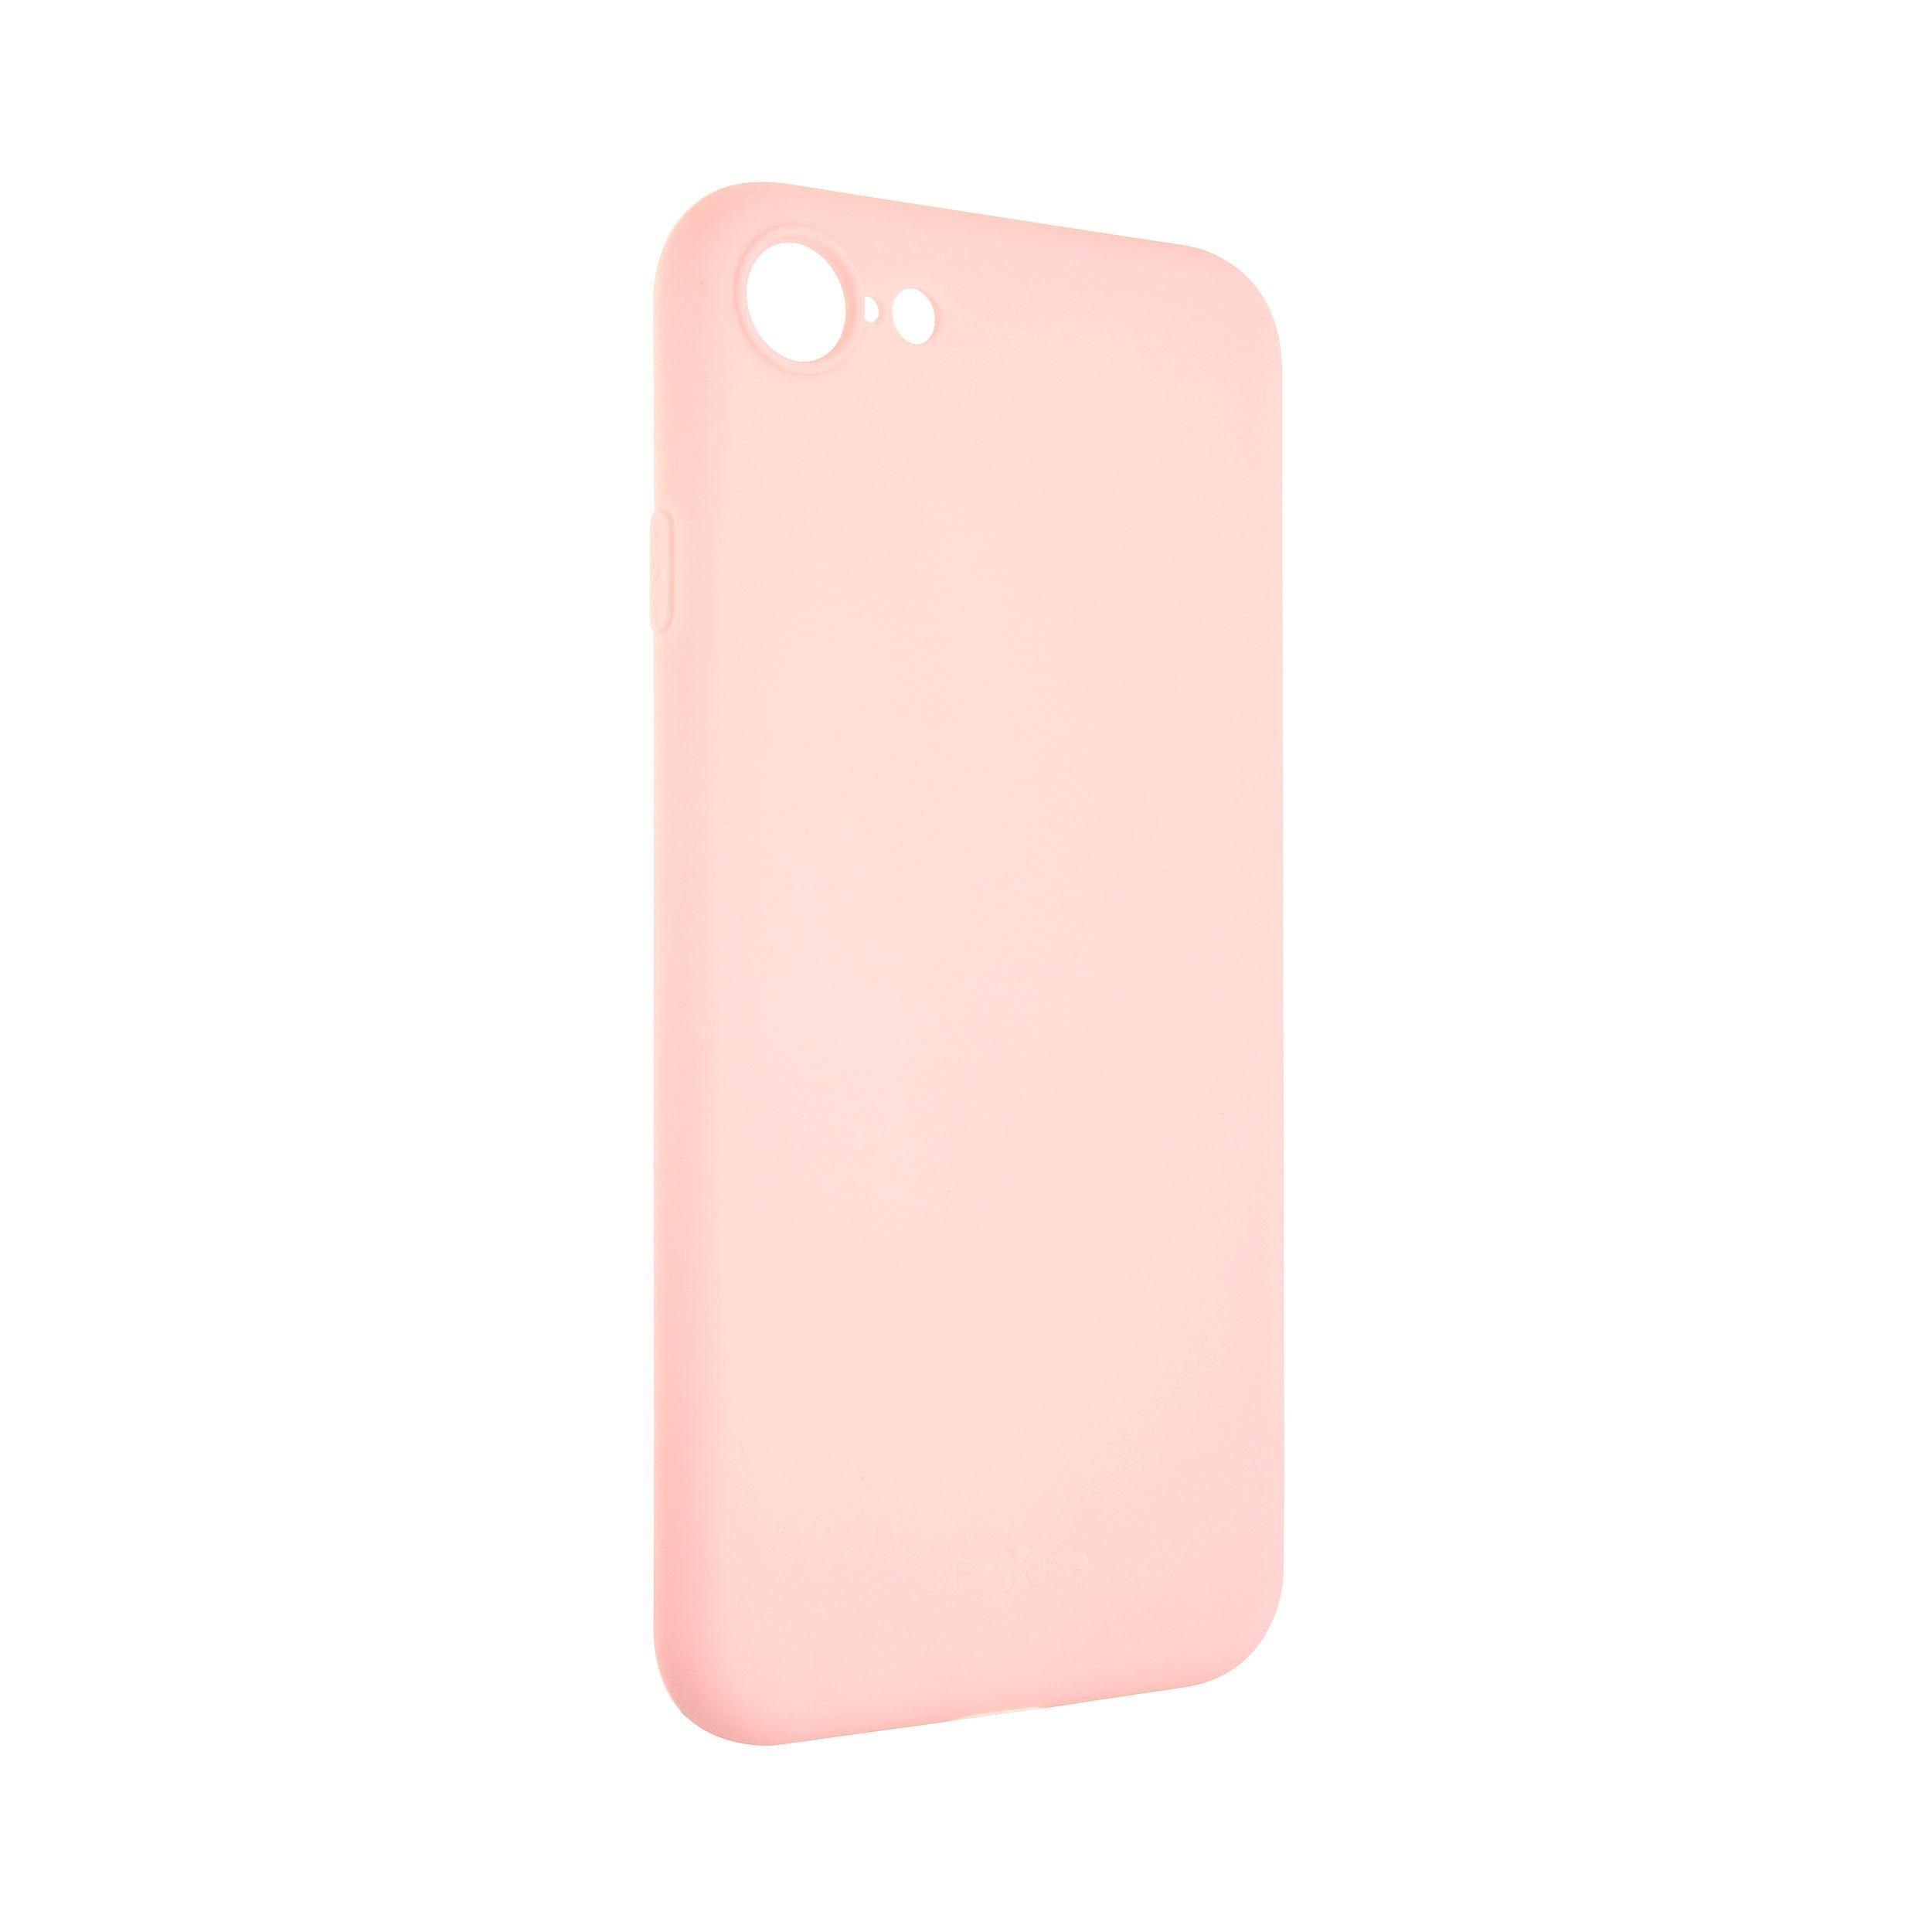 Zadní pogumovaný kryt FIXED Story pro Apple iPhone 7/8/SE (2020), růžový